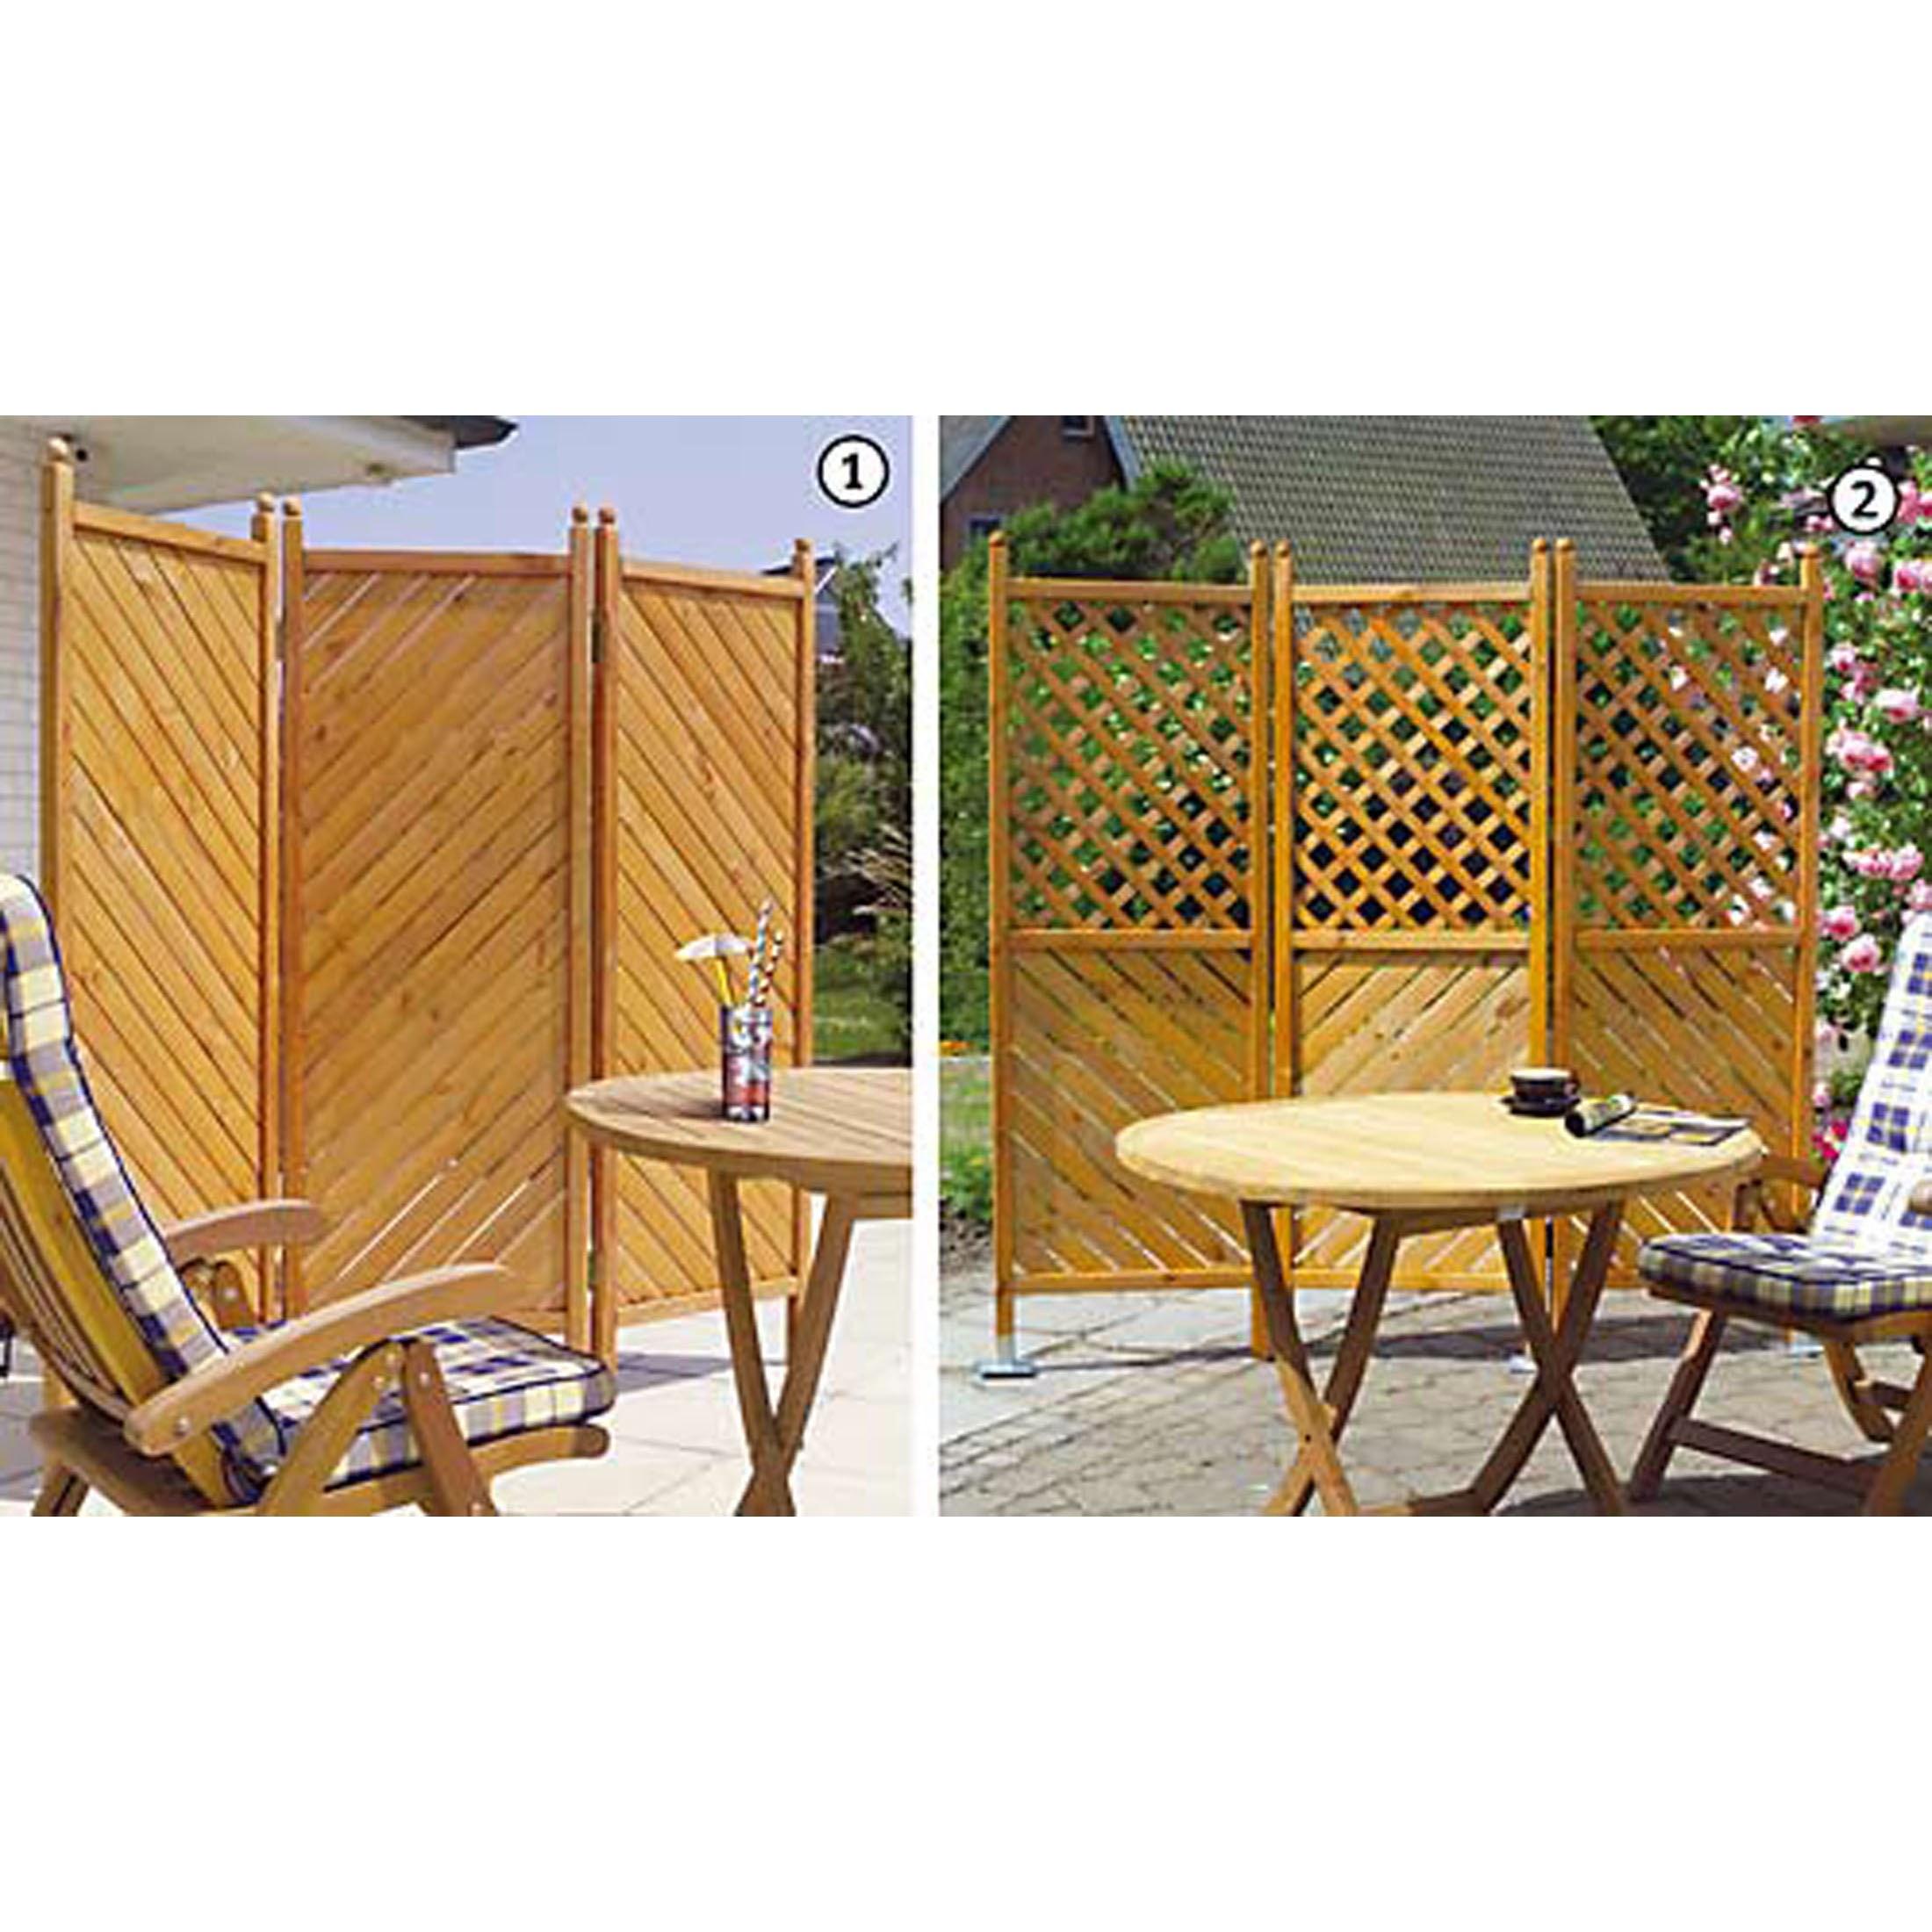 Full Size of Paravent Outdoor Klappbare Holz Paravents Promondo Küche Kaufen Garten Edelstahl Wohnzimmer Paravent Outdoor